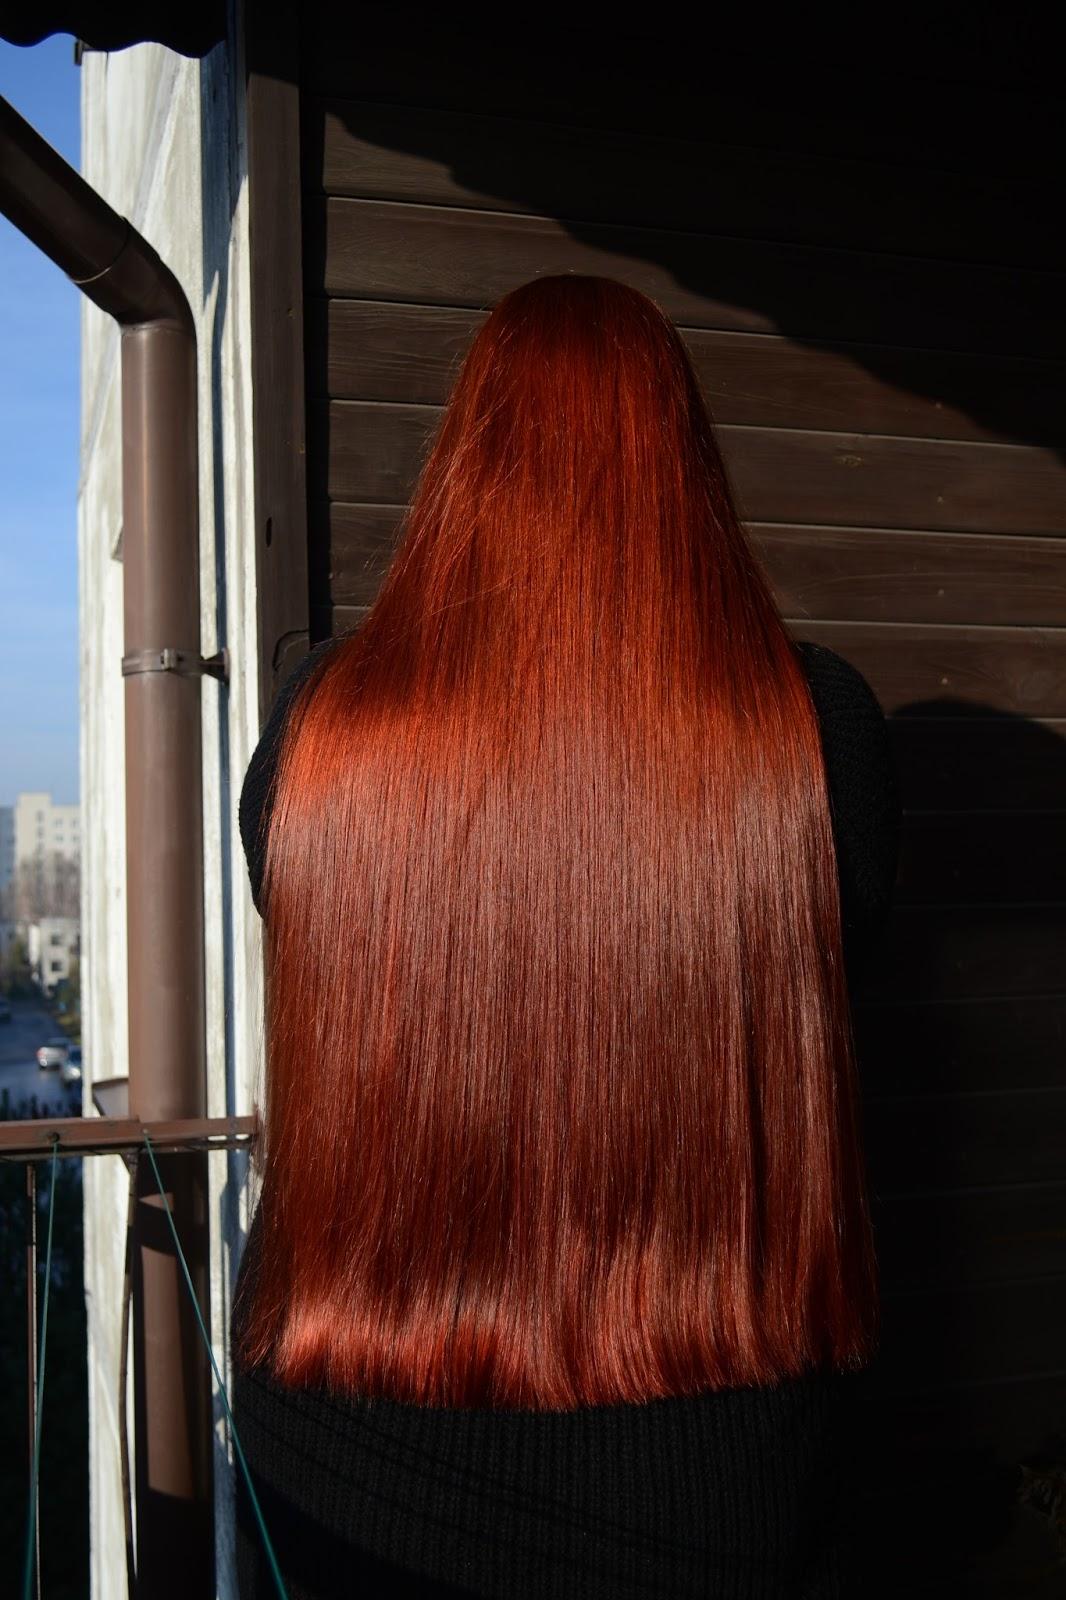 Aktualizacja włosowa Listopad - czerwień po ponad 6 tygodniach, nowe marki kosmetyków